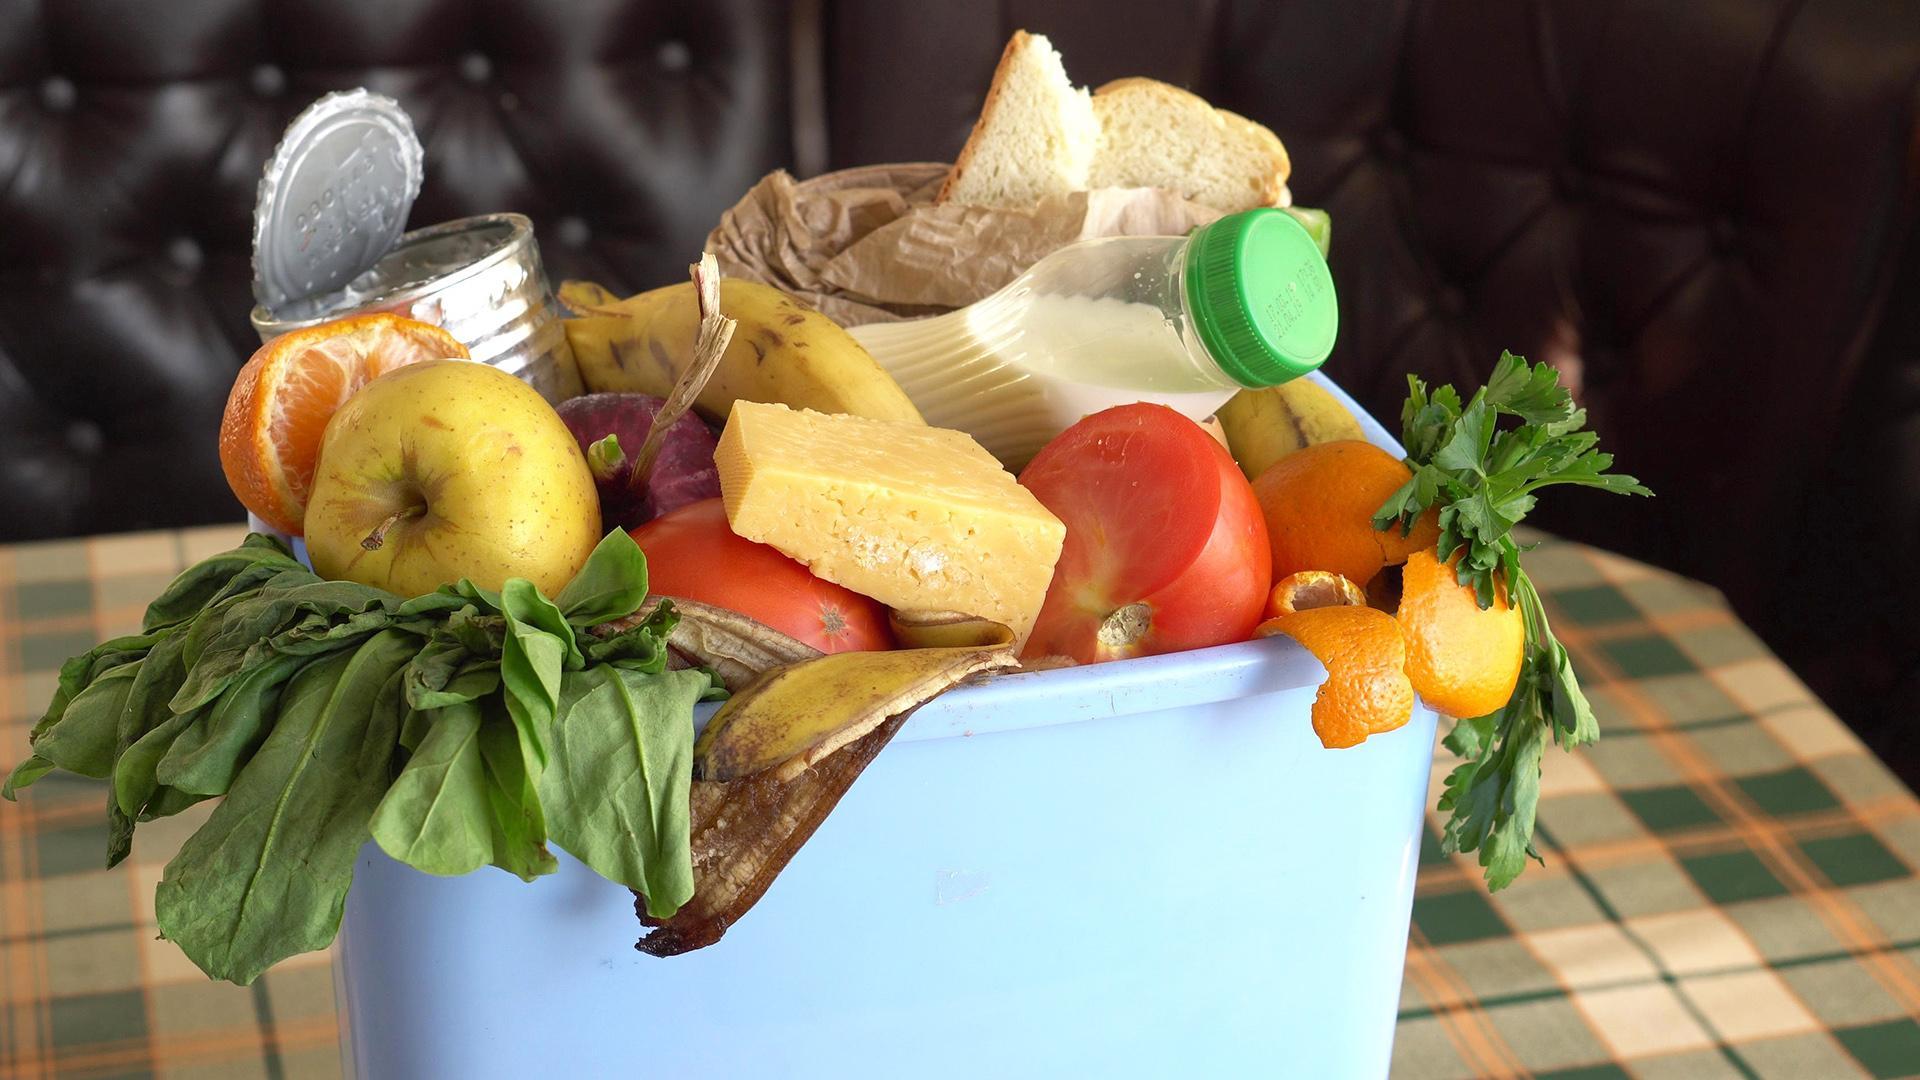 В Тверской области детей кормили просрочкой в учебных заведениях